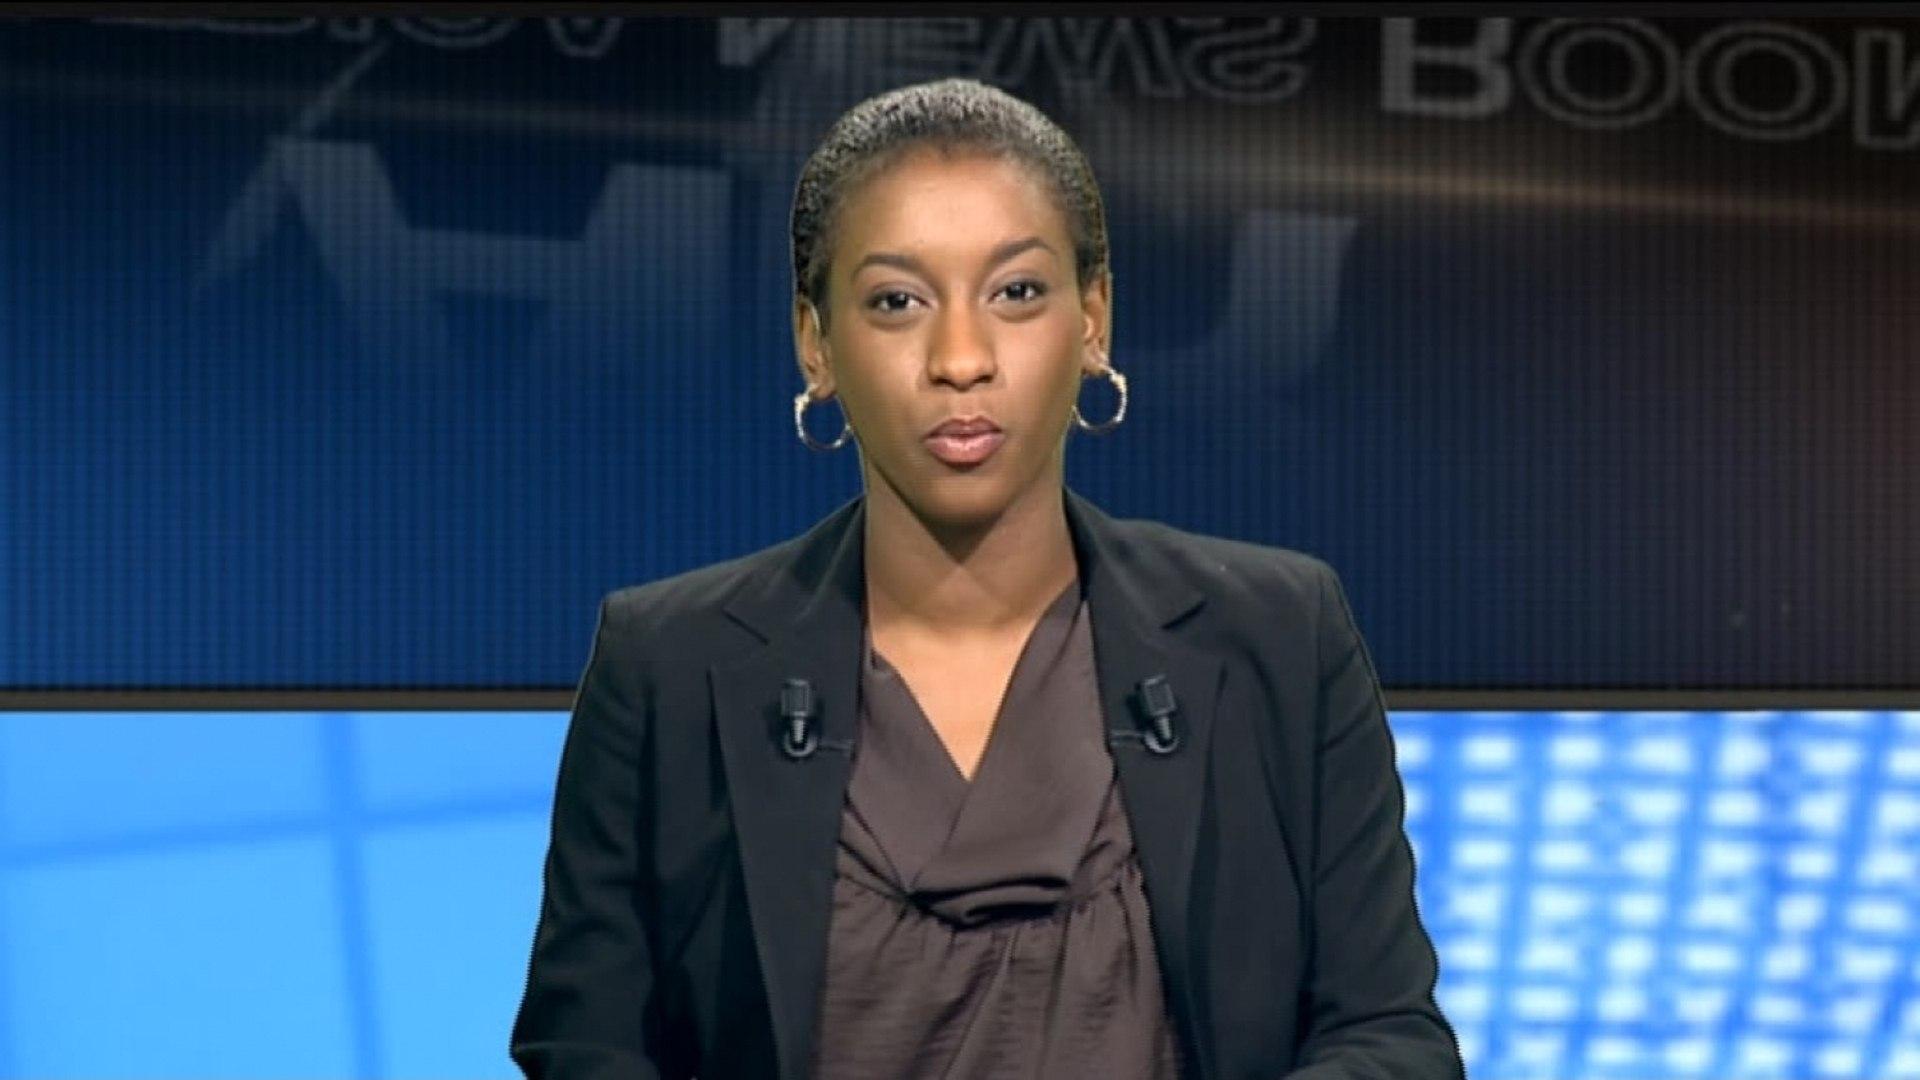 AFRICA NEWS ROOM - Afrique, Économie : E-universités